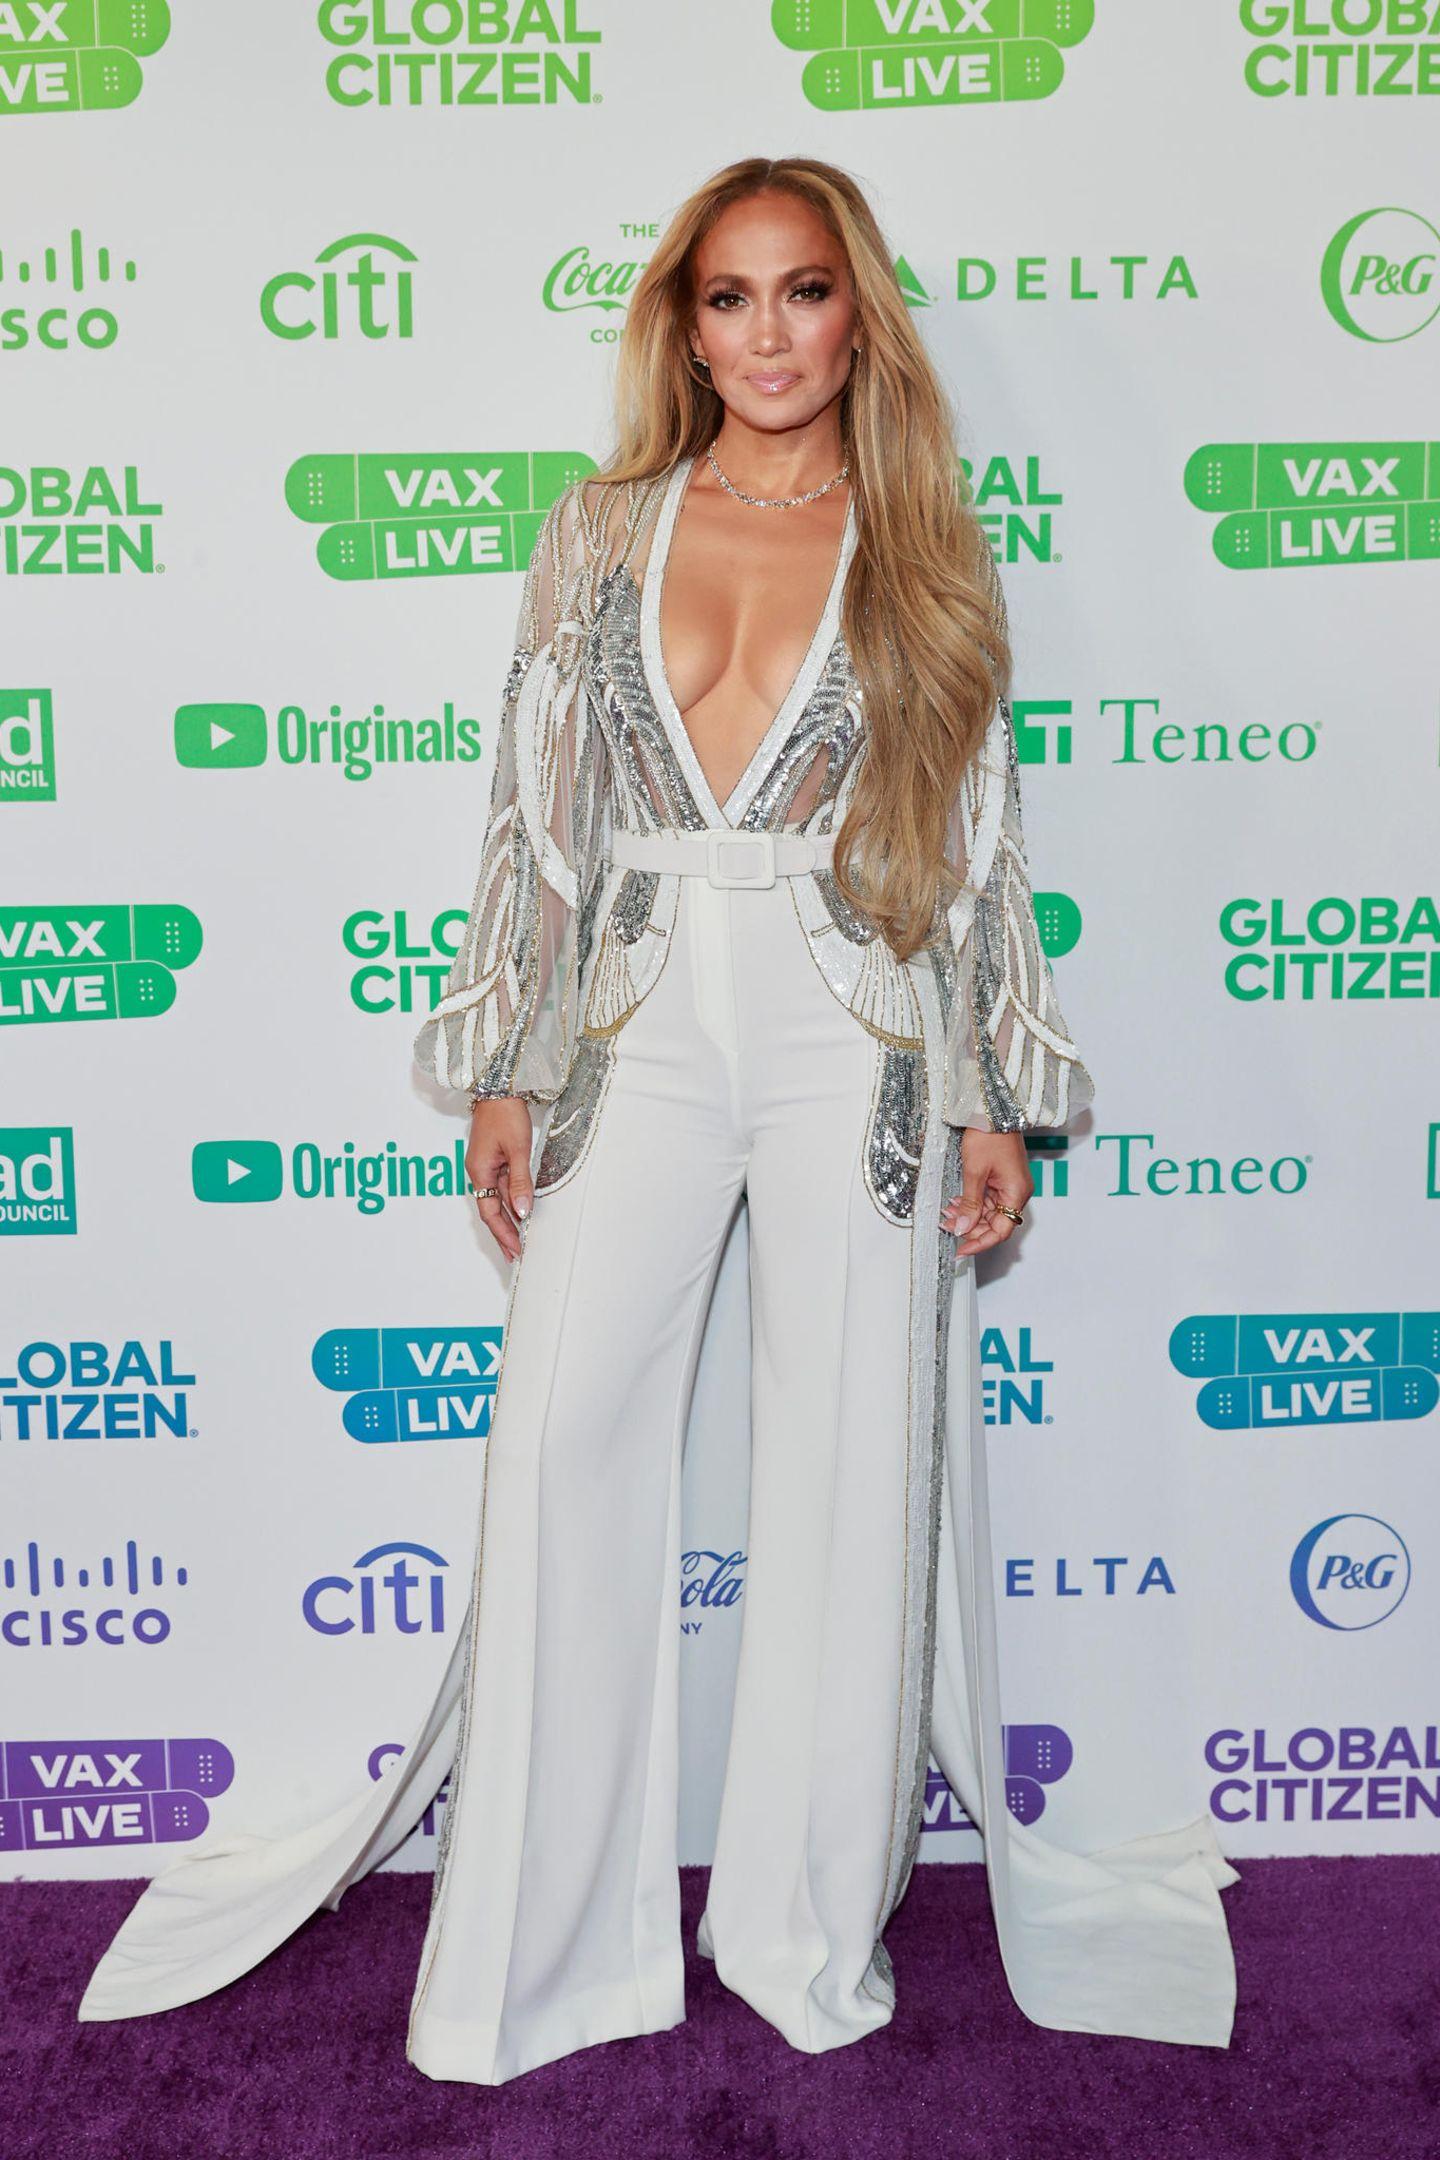 """Jennifer Lopez begeistert beim """"Global Citizen's VAX Live: The Concert to Reunite the World"""" nicht nur auf der Bühne, auf dem roten Teppich zieht sie in ihrem Anzug von Elie Saab alle Blicke auf sich."""